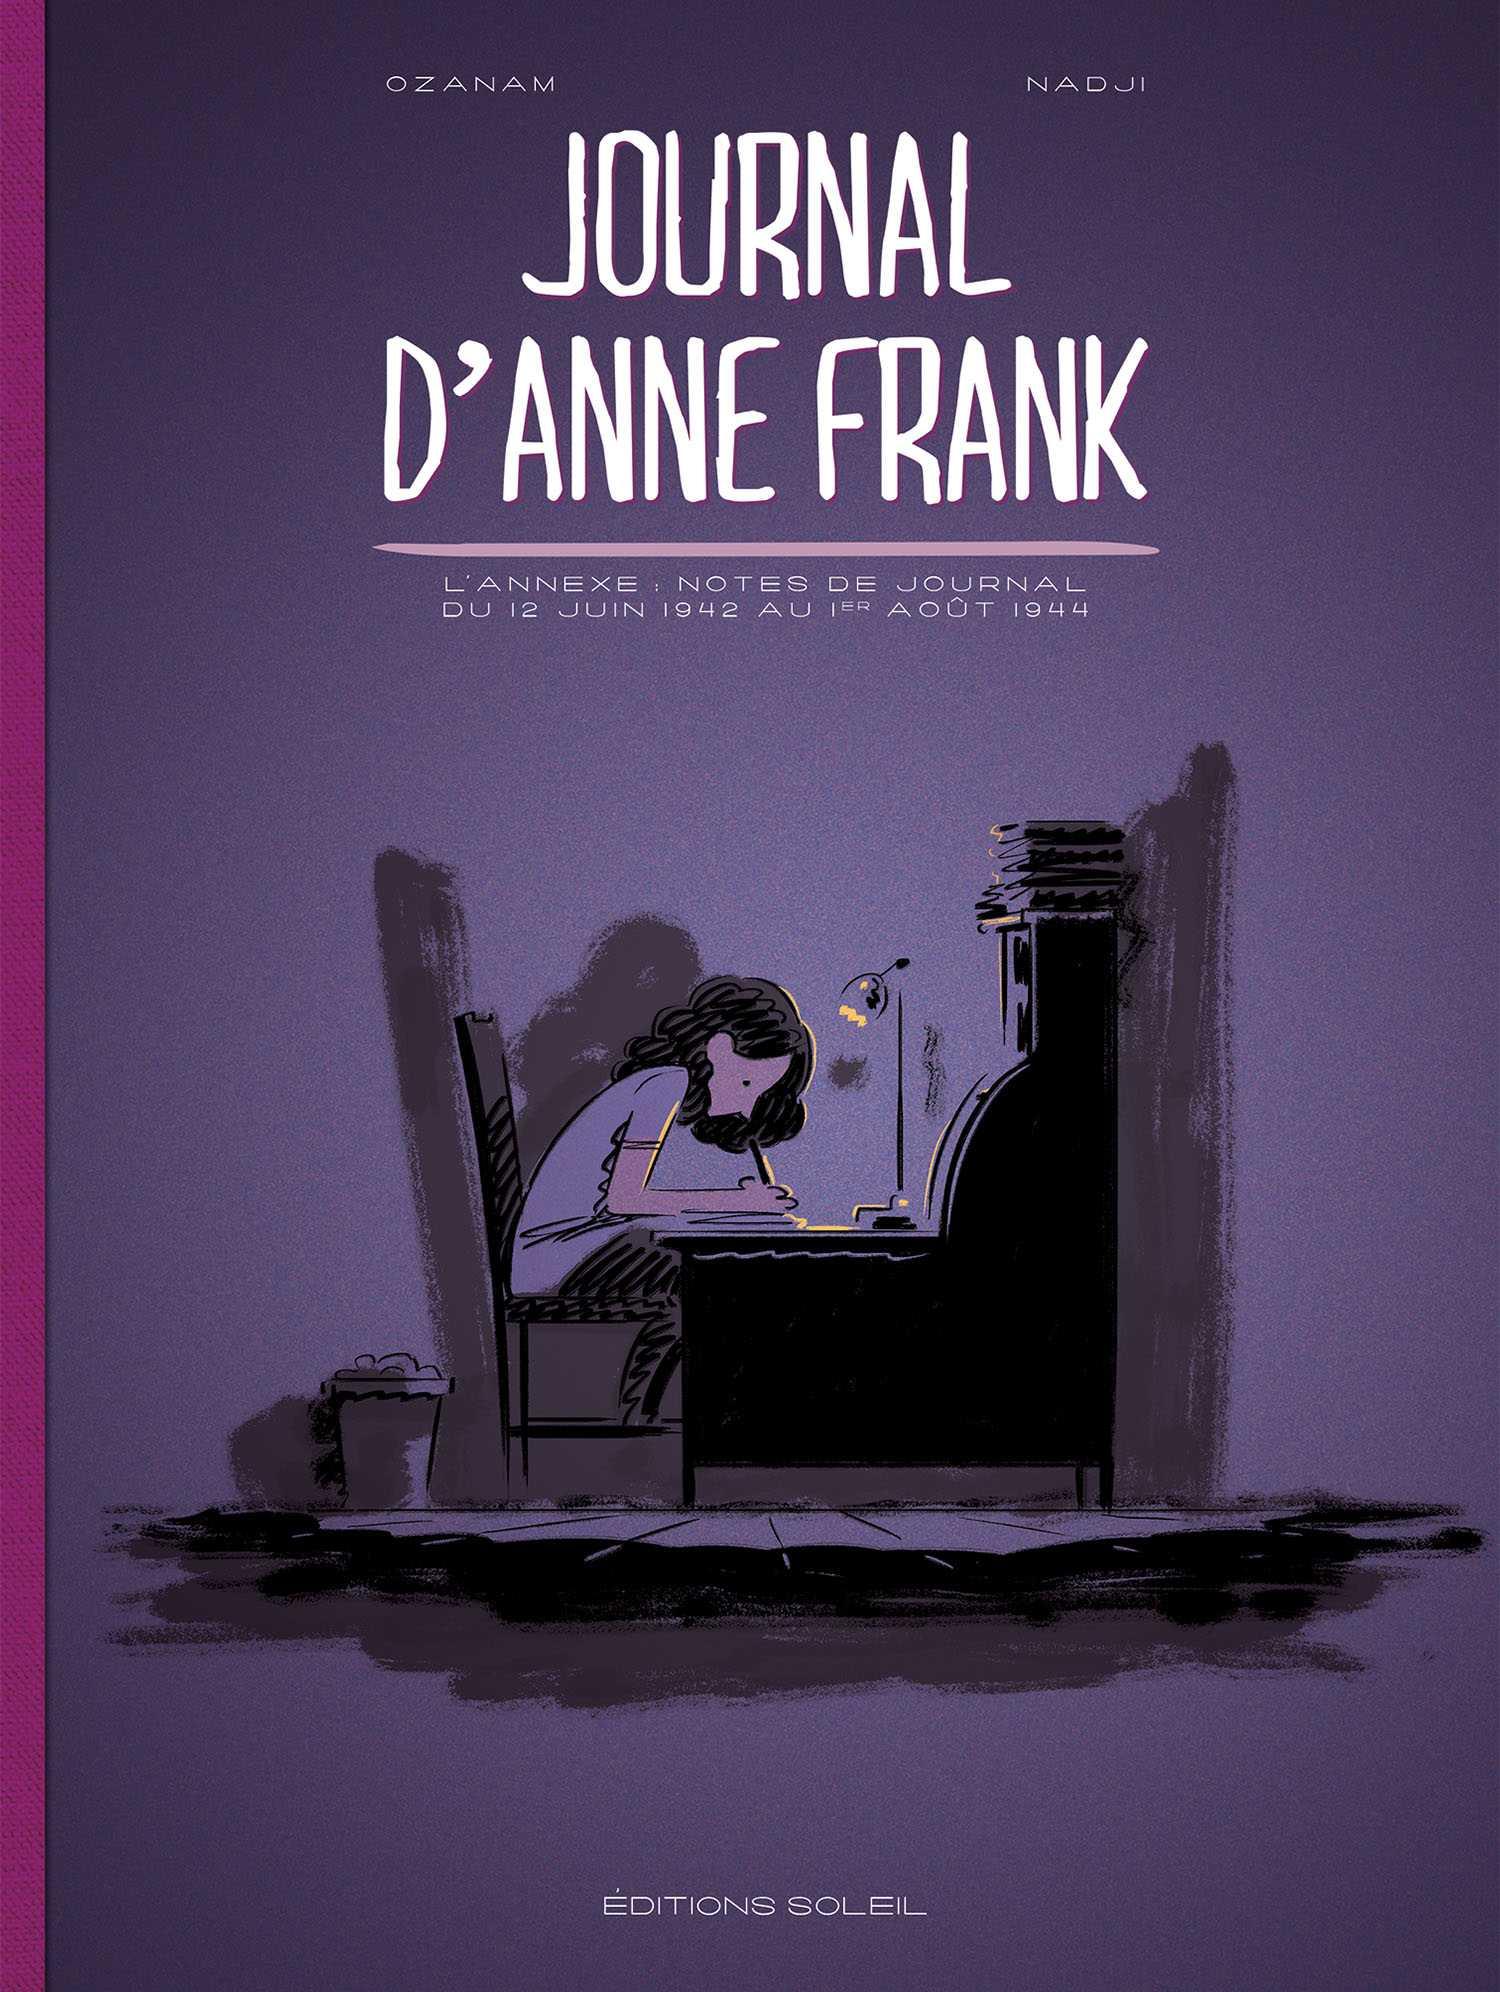 Le Journal d'Anne Frank, sa première adaptation en BD par Ozanam